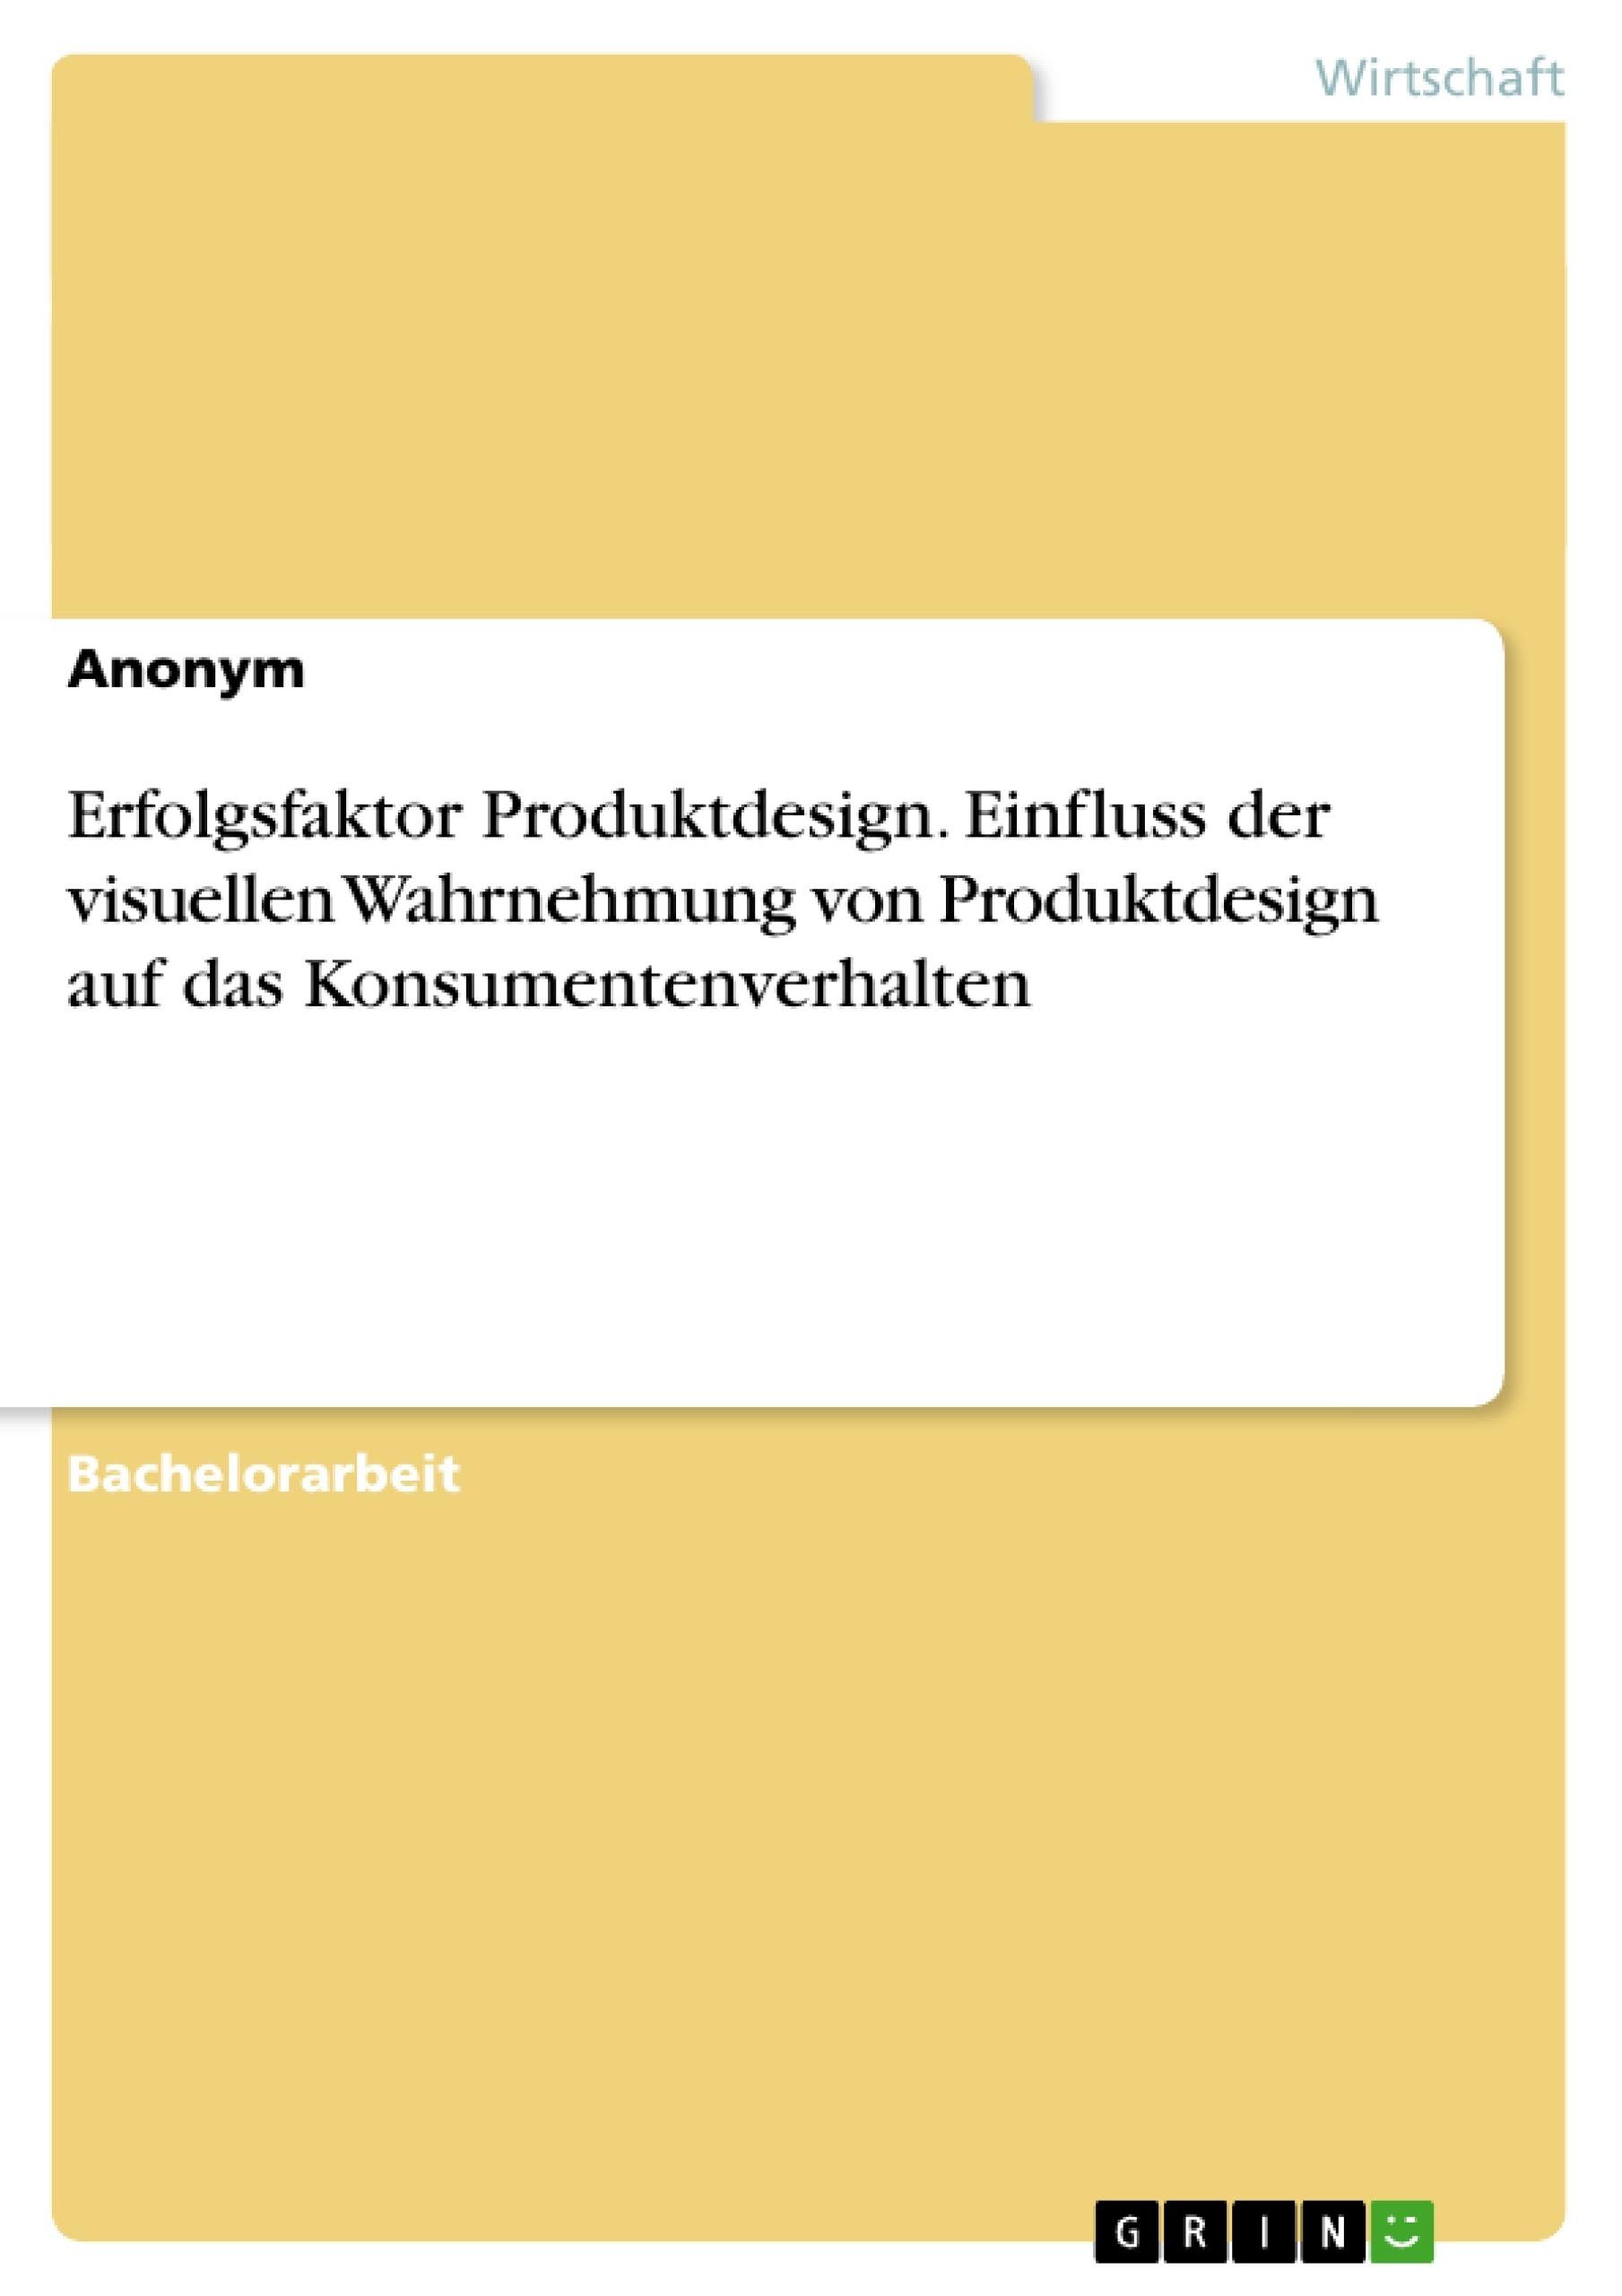 Titel: Erfolgsfaktor Produktdesign. Einfluss der visuellen Wahrnehmung von Produktdesign auf das Konsumentenverhalten